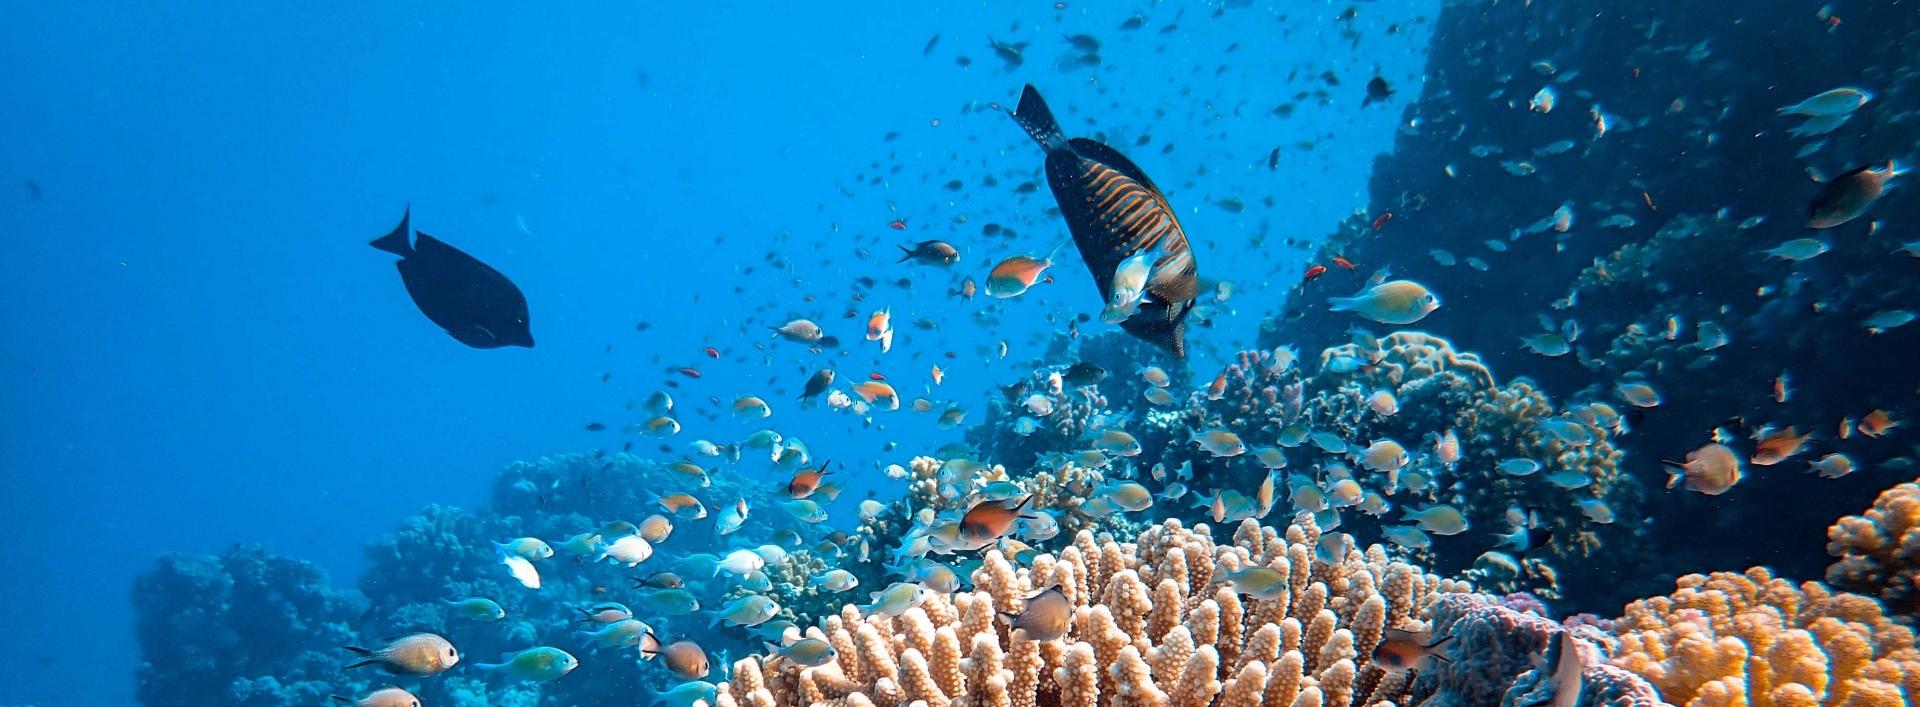 Ocean full of coral, fish and manta ray